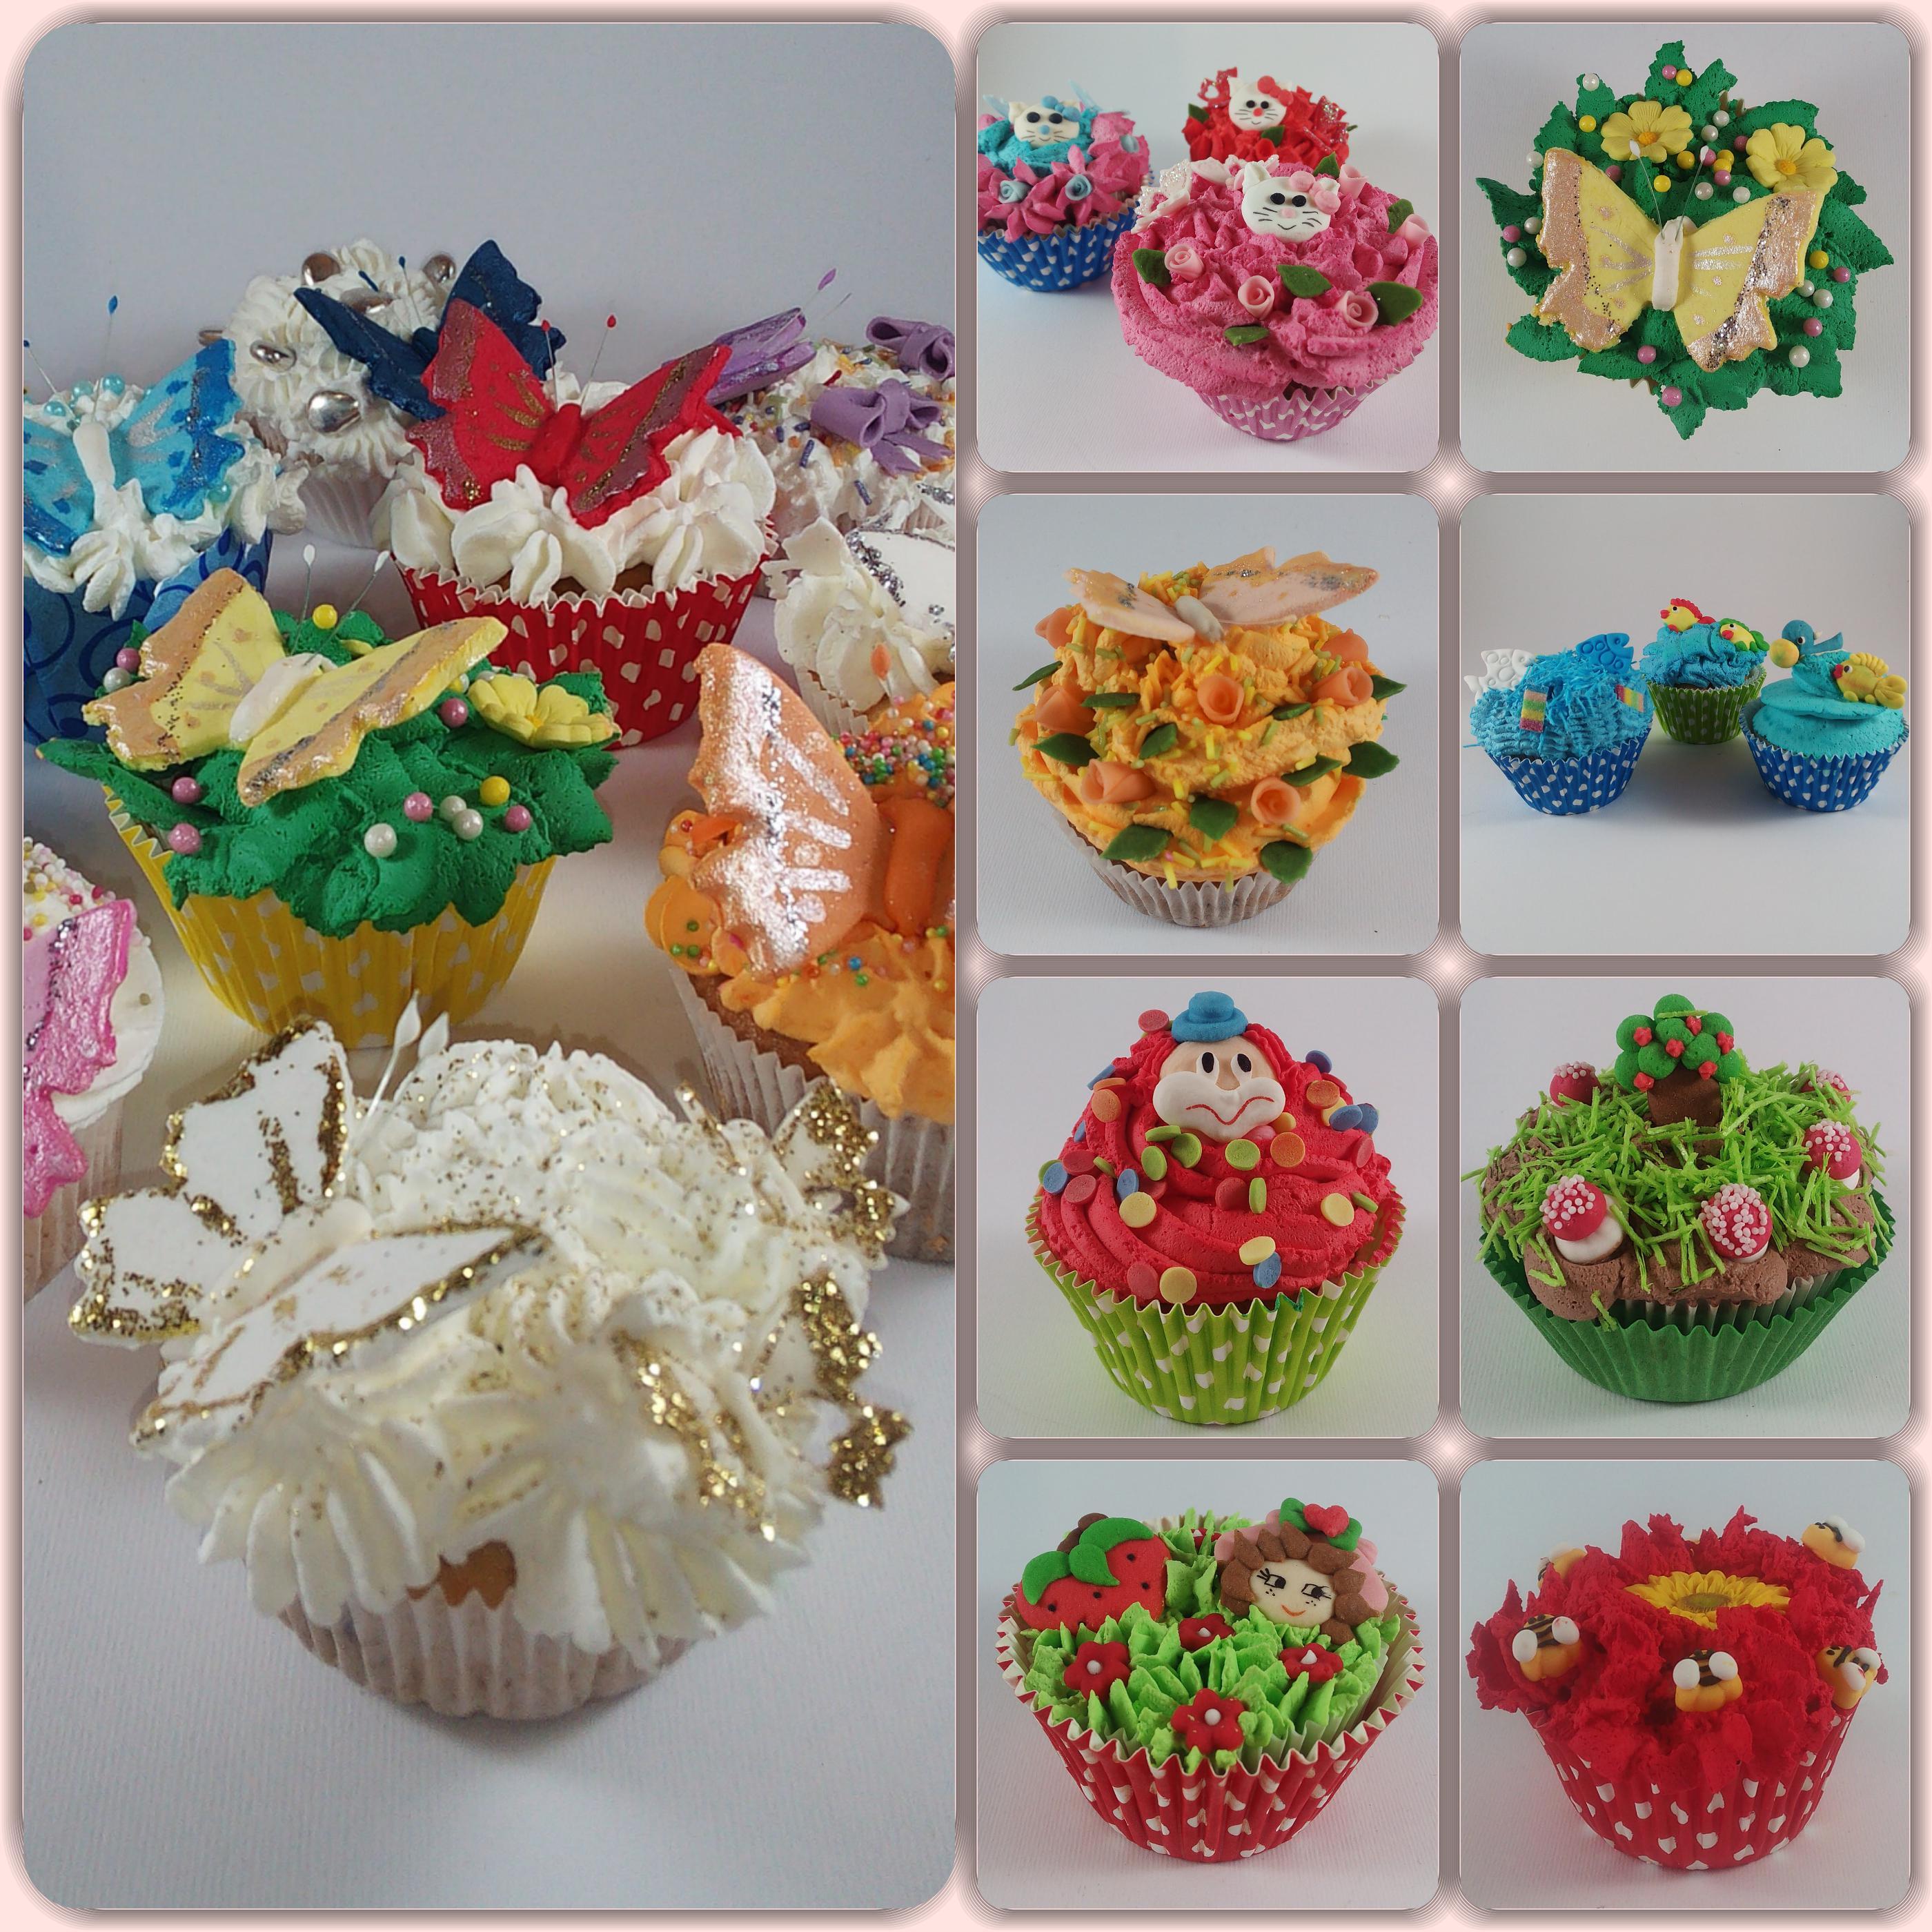 dekoracije za dječji rođendan torta ukras jestiva dekoracija rodjendan vjencanje sveisvasta (4  dekoracije za dječji rođendan